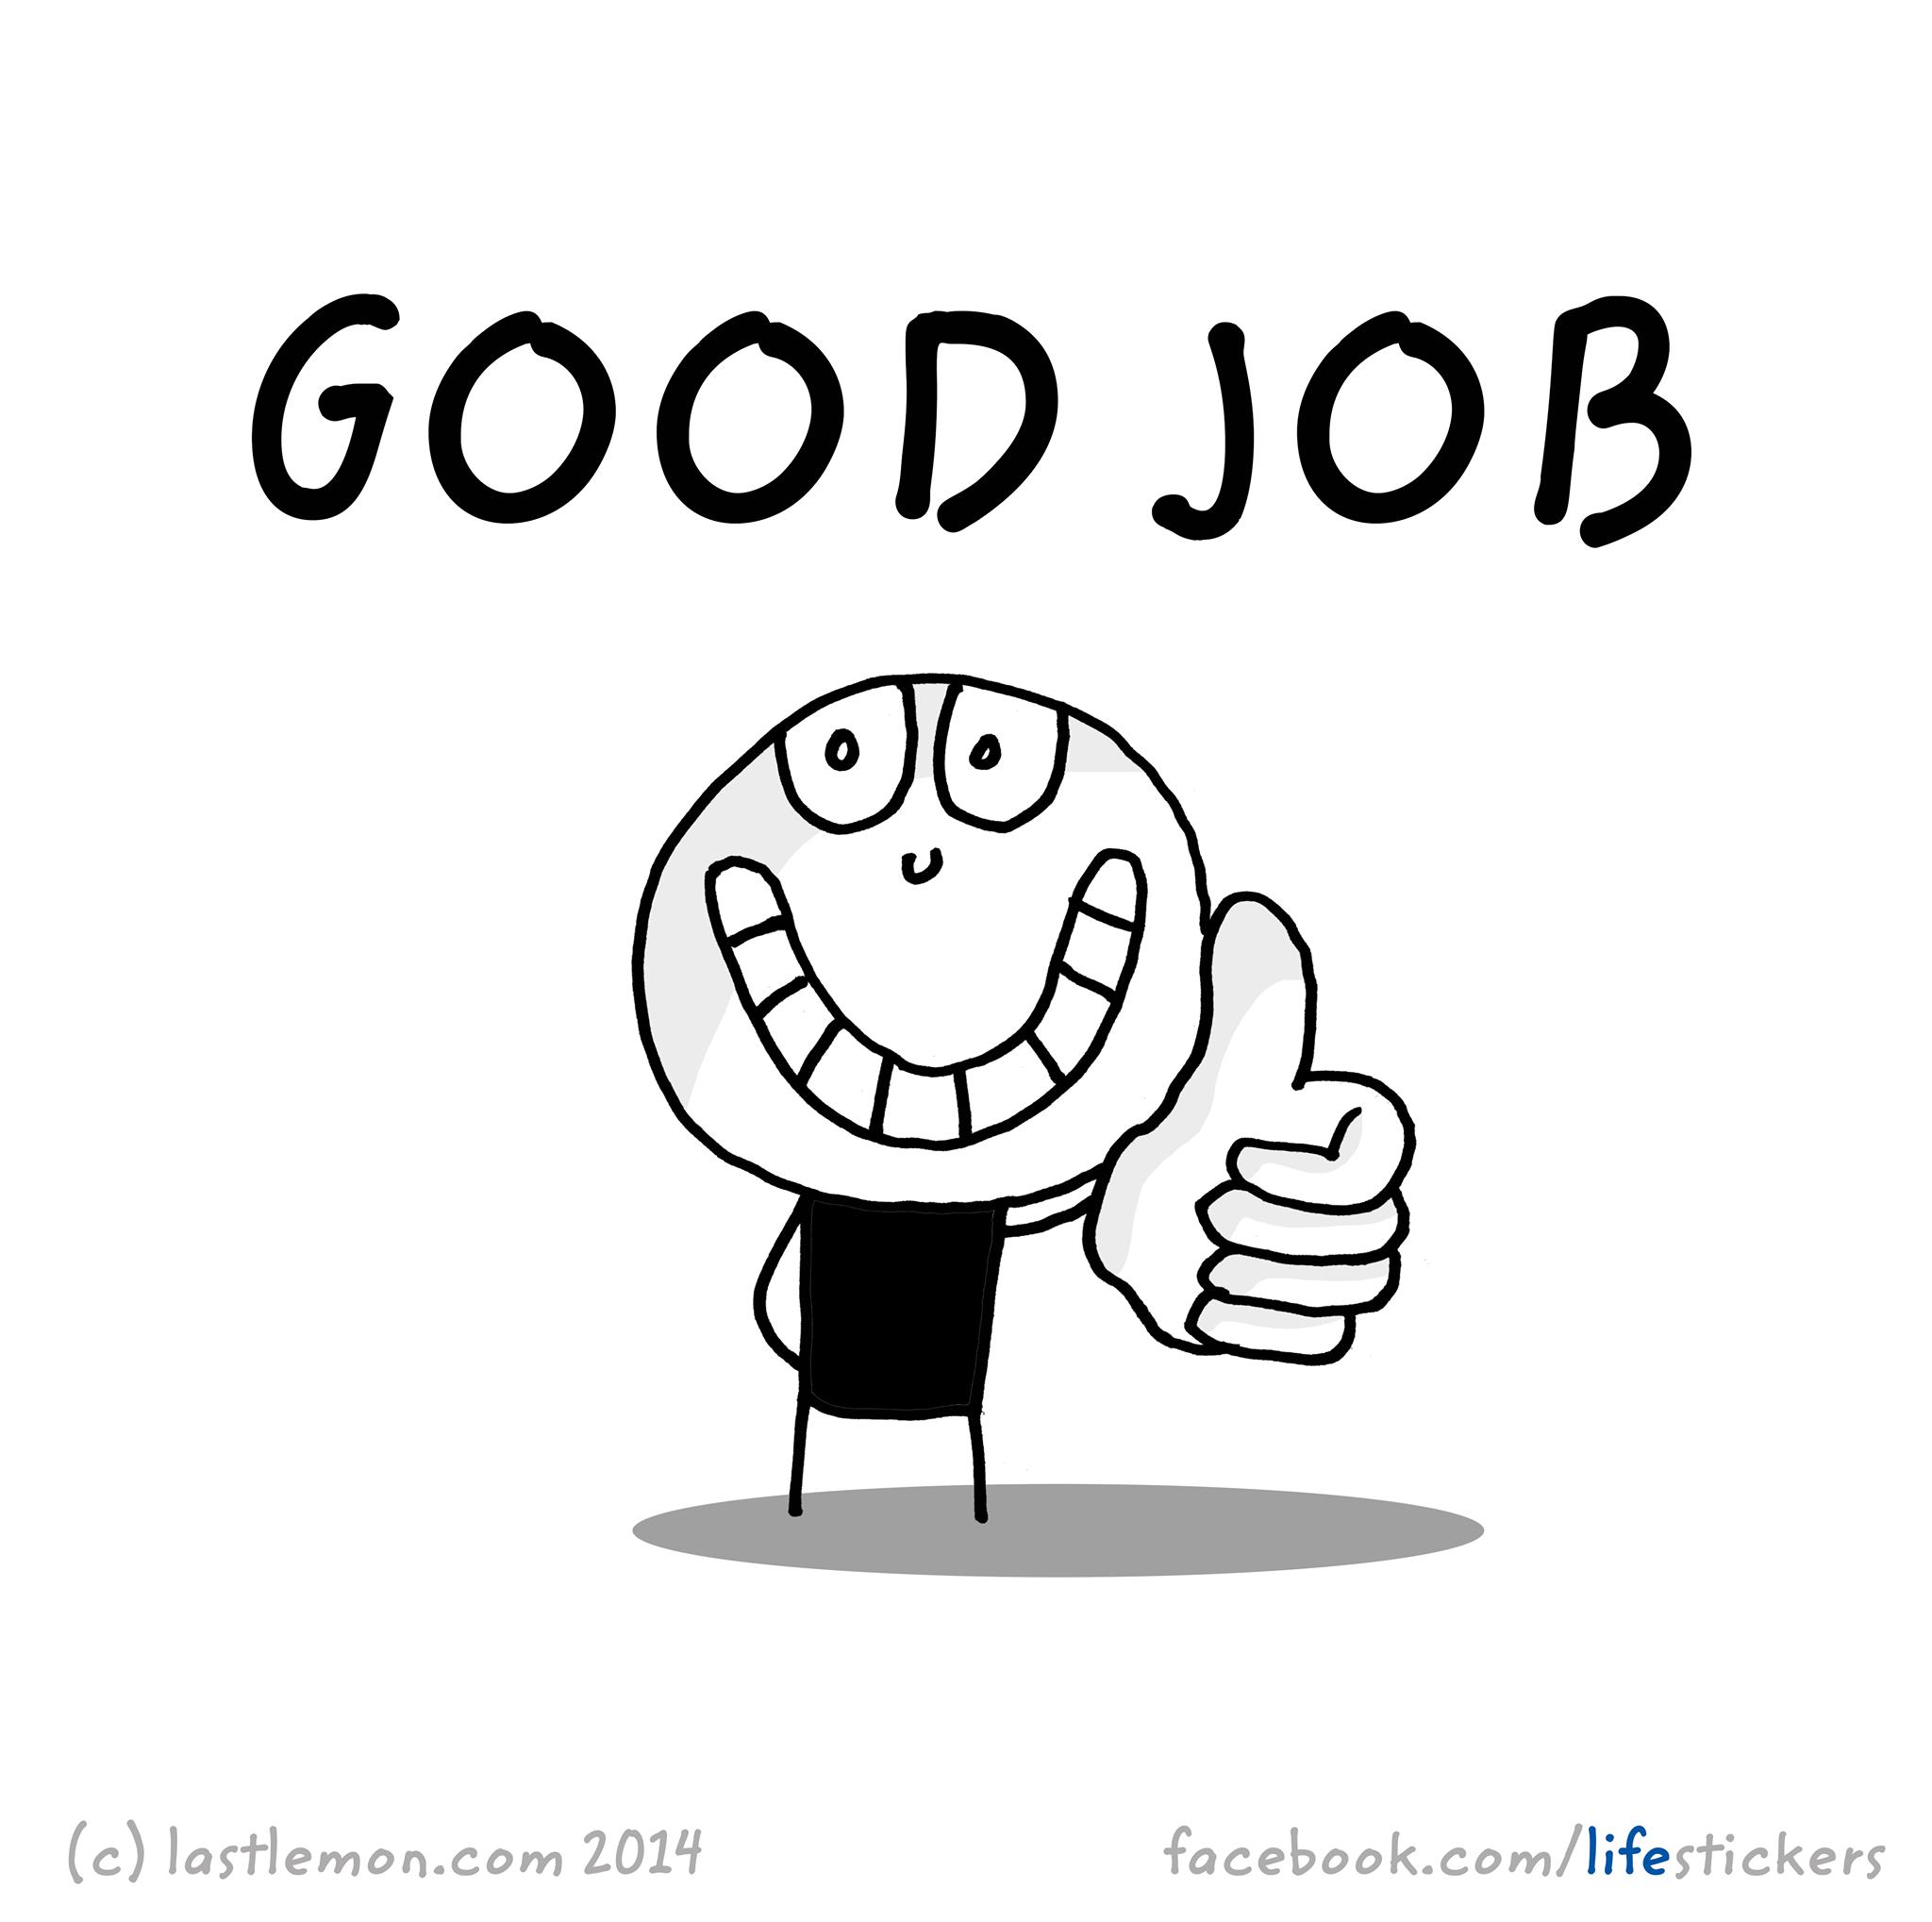 Life Stickers Life Stickers S Photos Facebook Good Job Quotes Job Quotes Good Job